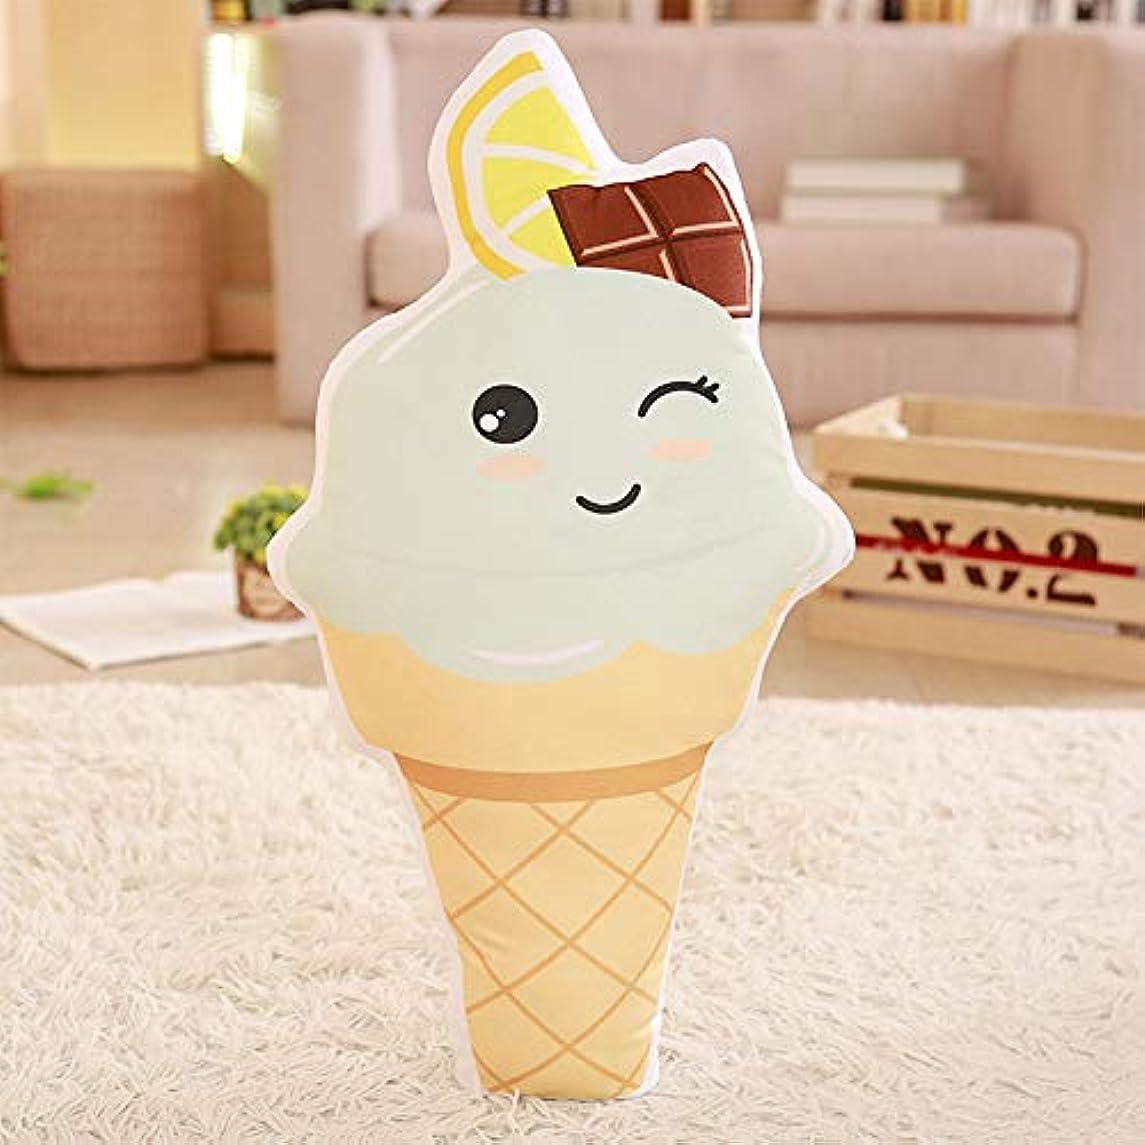 再集計ペン駅Rabugoo 趣味 家の装飾のためのかわいい豪華なアイスクリーム枕豪華な人形 Chocolate lemon cone 60cm